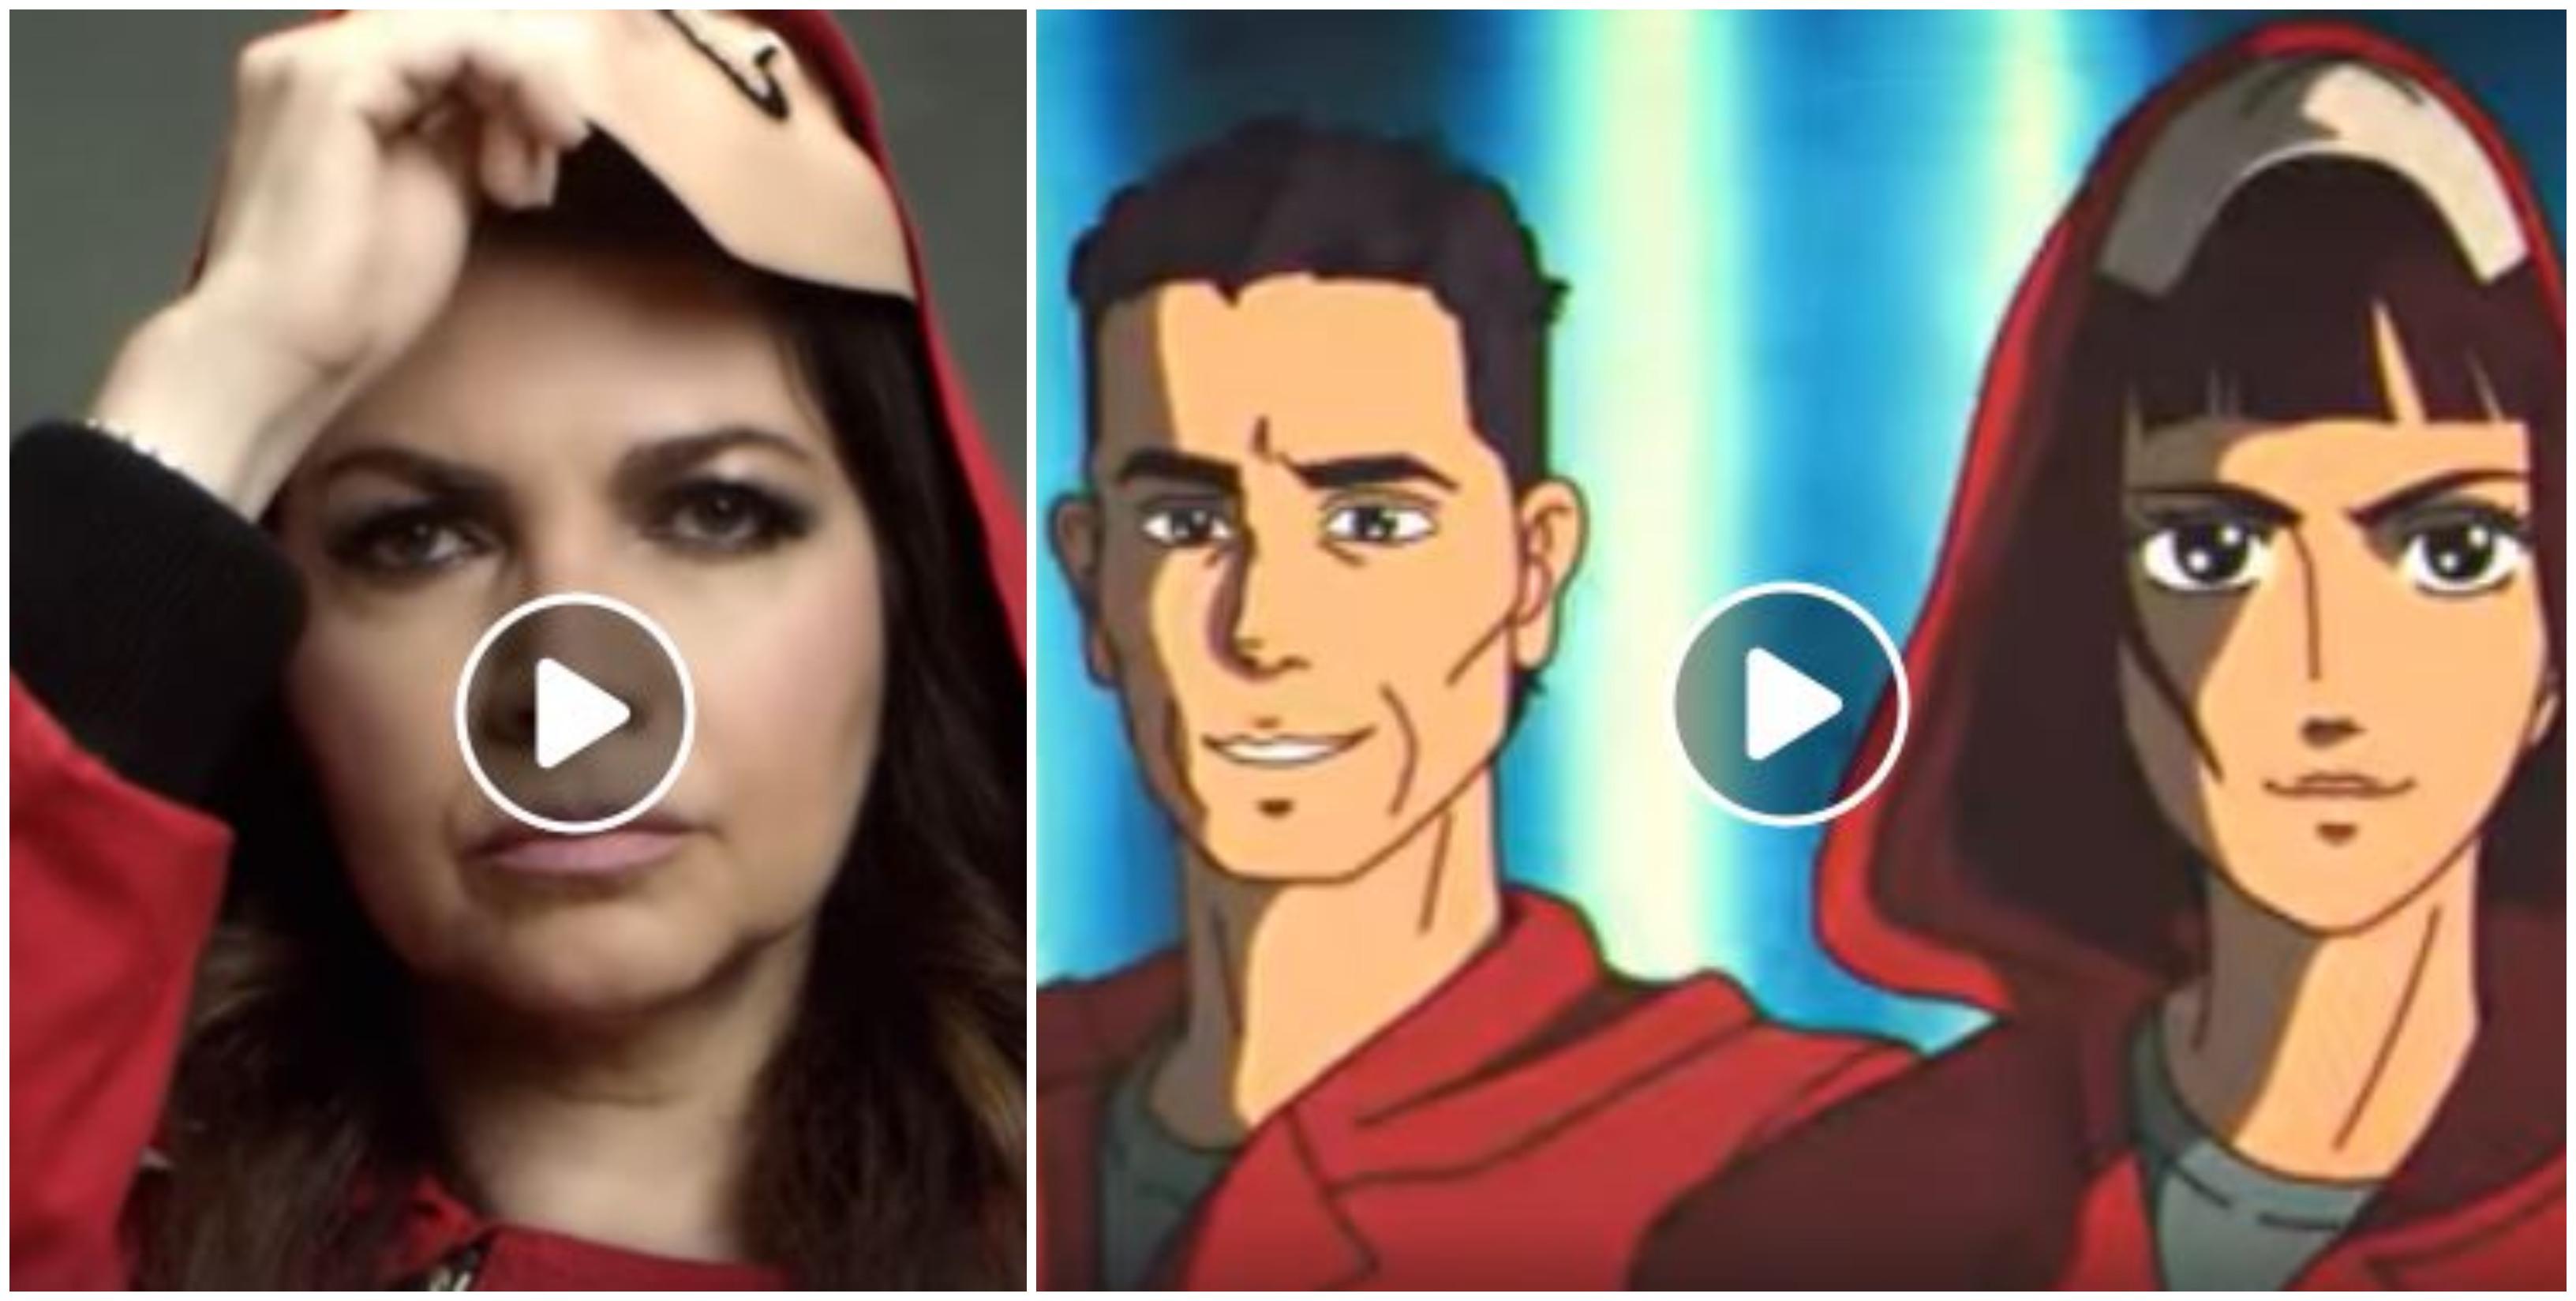 """Cristina D'Avena canta la sigla de """"La Casa di Carta"""" versione cartone animato [VIDEO]"""